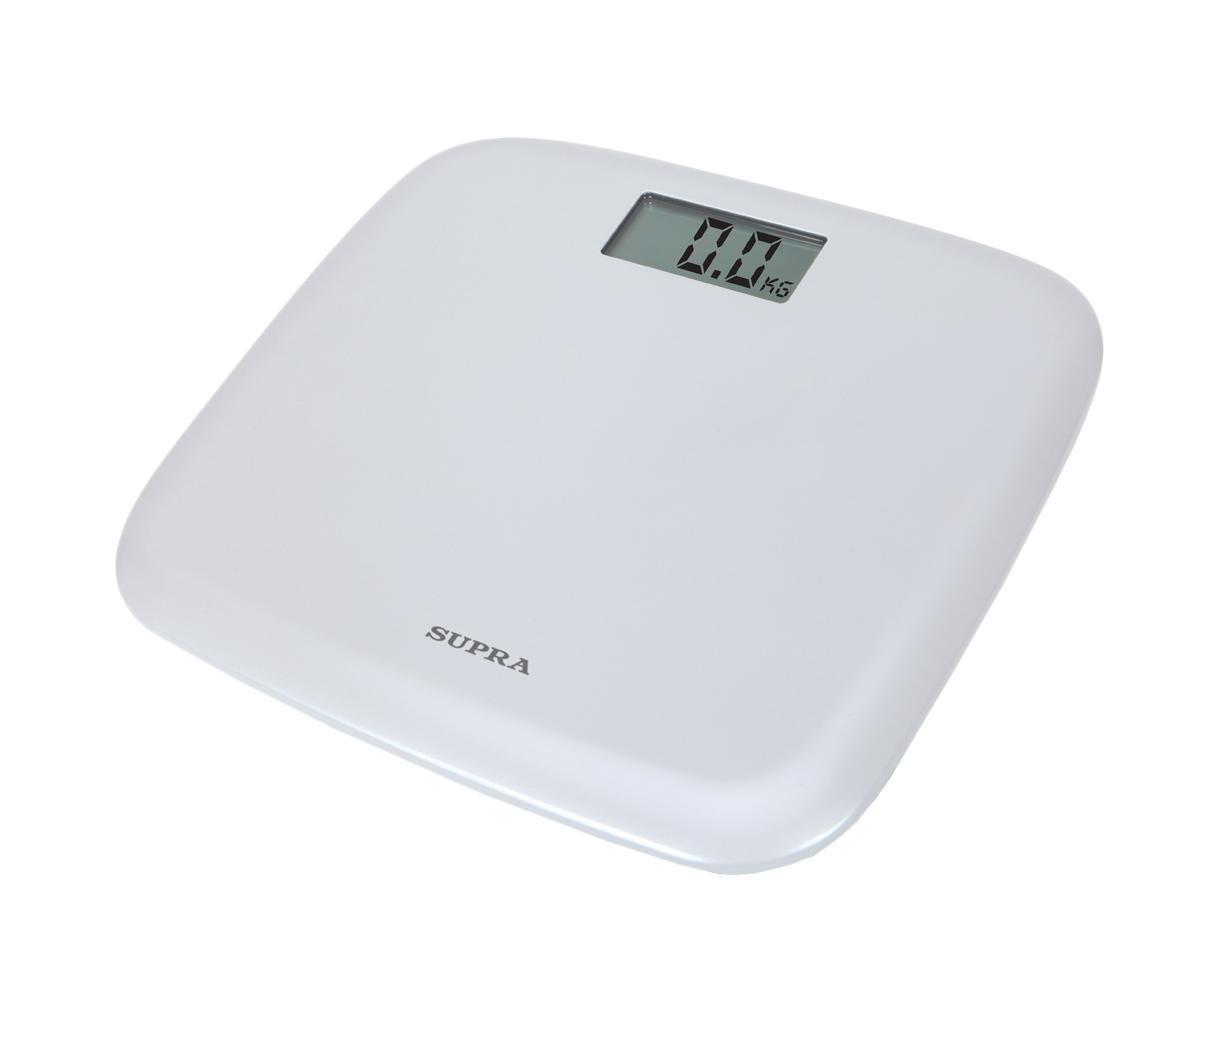 Supra BSS-6050, White напольные весыBSS-6050 whiteЭлектронные напольные весы Supra BSS-6050 с поверхностью из прочного пластика и функцией автоматического отключения станут неизменным спутником для людей, следящих за своим весом. Дисплей с крупными цифрами сделает использование прибора максимально удобным, а индикация низкого заряда батареи поможет обеспечить своевременный уход. Весы оборудованы датчиками натяжения высокой точности, а также противоскользящими ножками.